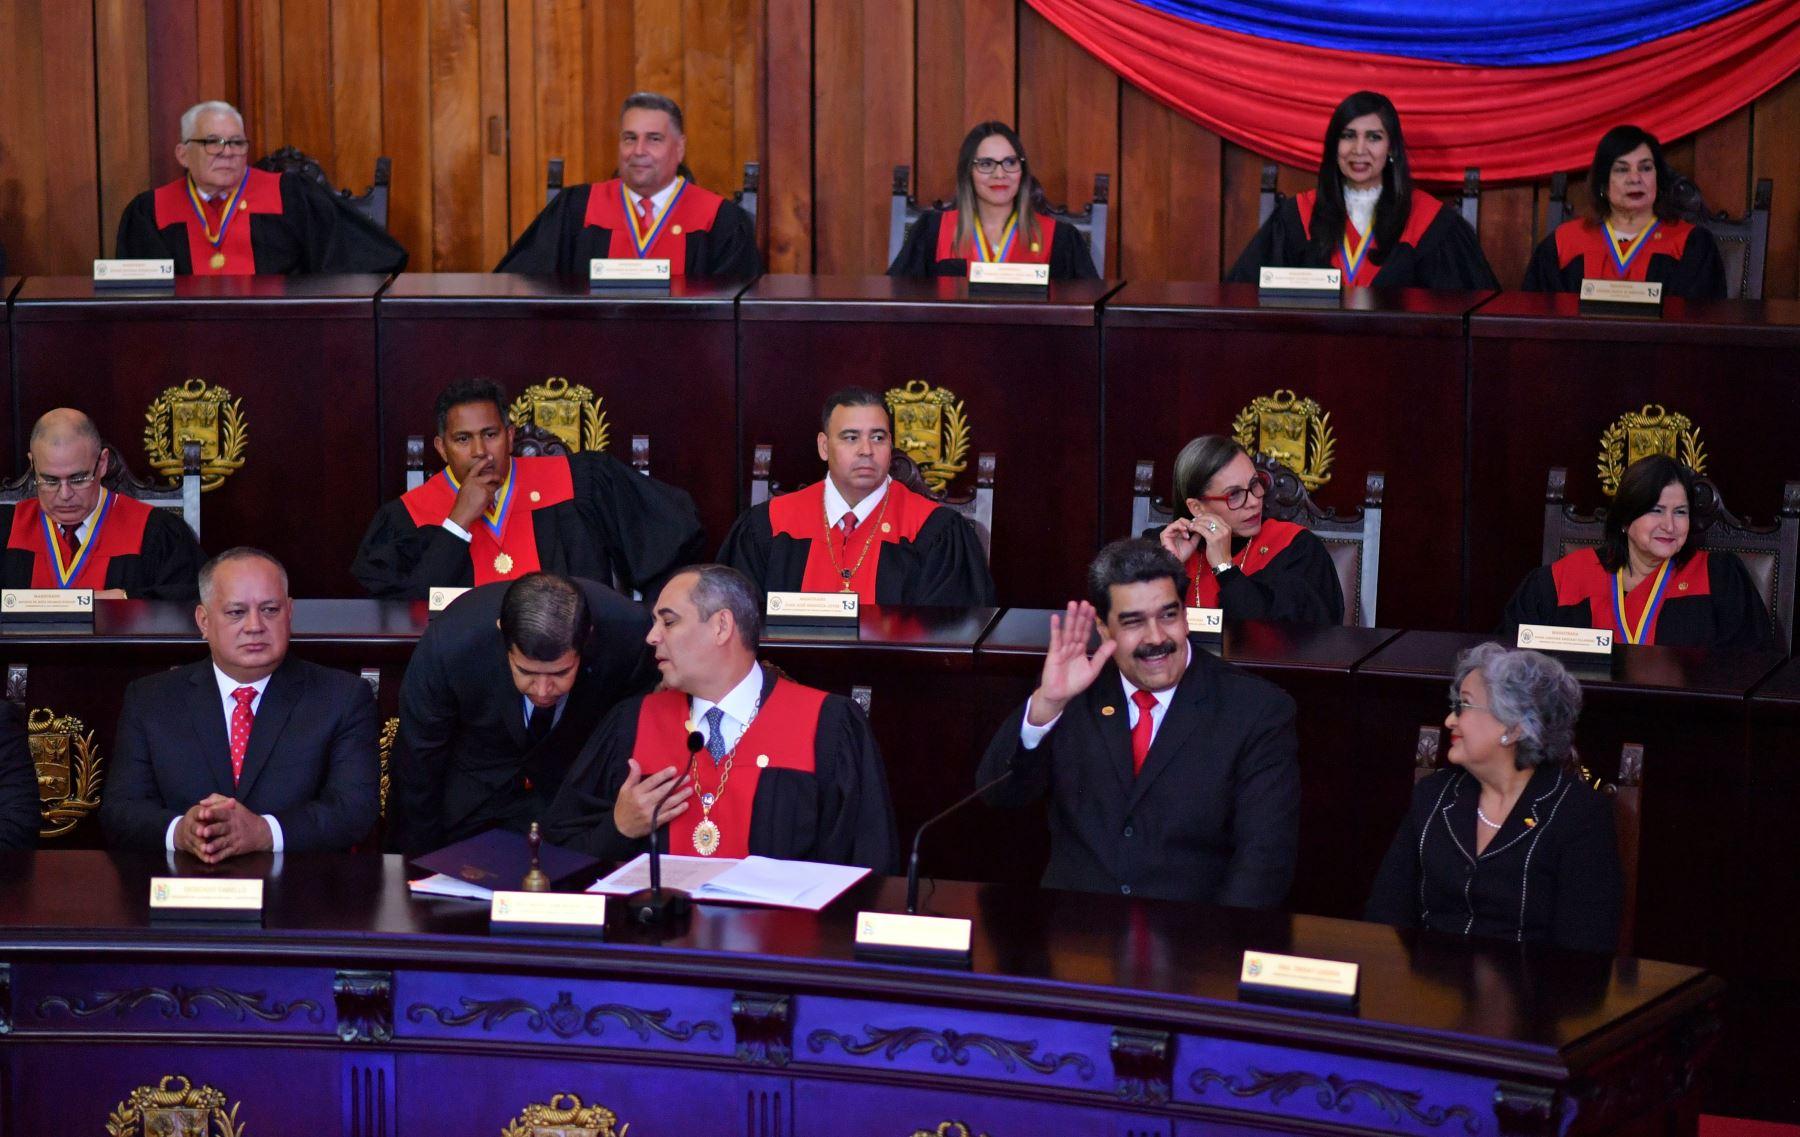 El presidente de Venezuela, Nicolás Maduro (2da R) saluda al presidente de la Corte Suprema de Justicia (TSJ), Maikel Moreno (C) y al congresma Diosdado Cabello (L), a su llegada a la ceremonia de inauguración de su segundo mandato, en la sede del TSJ en Caracas.  Maduro comienza un nuevo término que los críticos consideran ilegítimo, con la economía en caída libre y el país más aislado que nunca. AFP